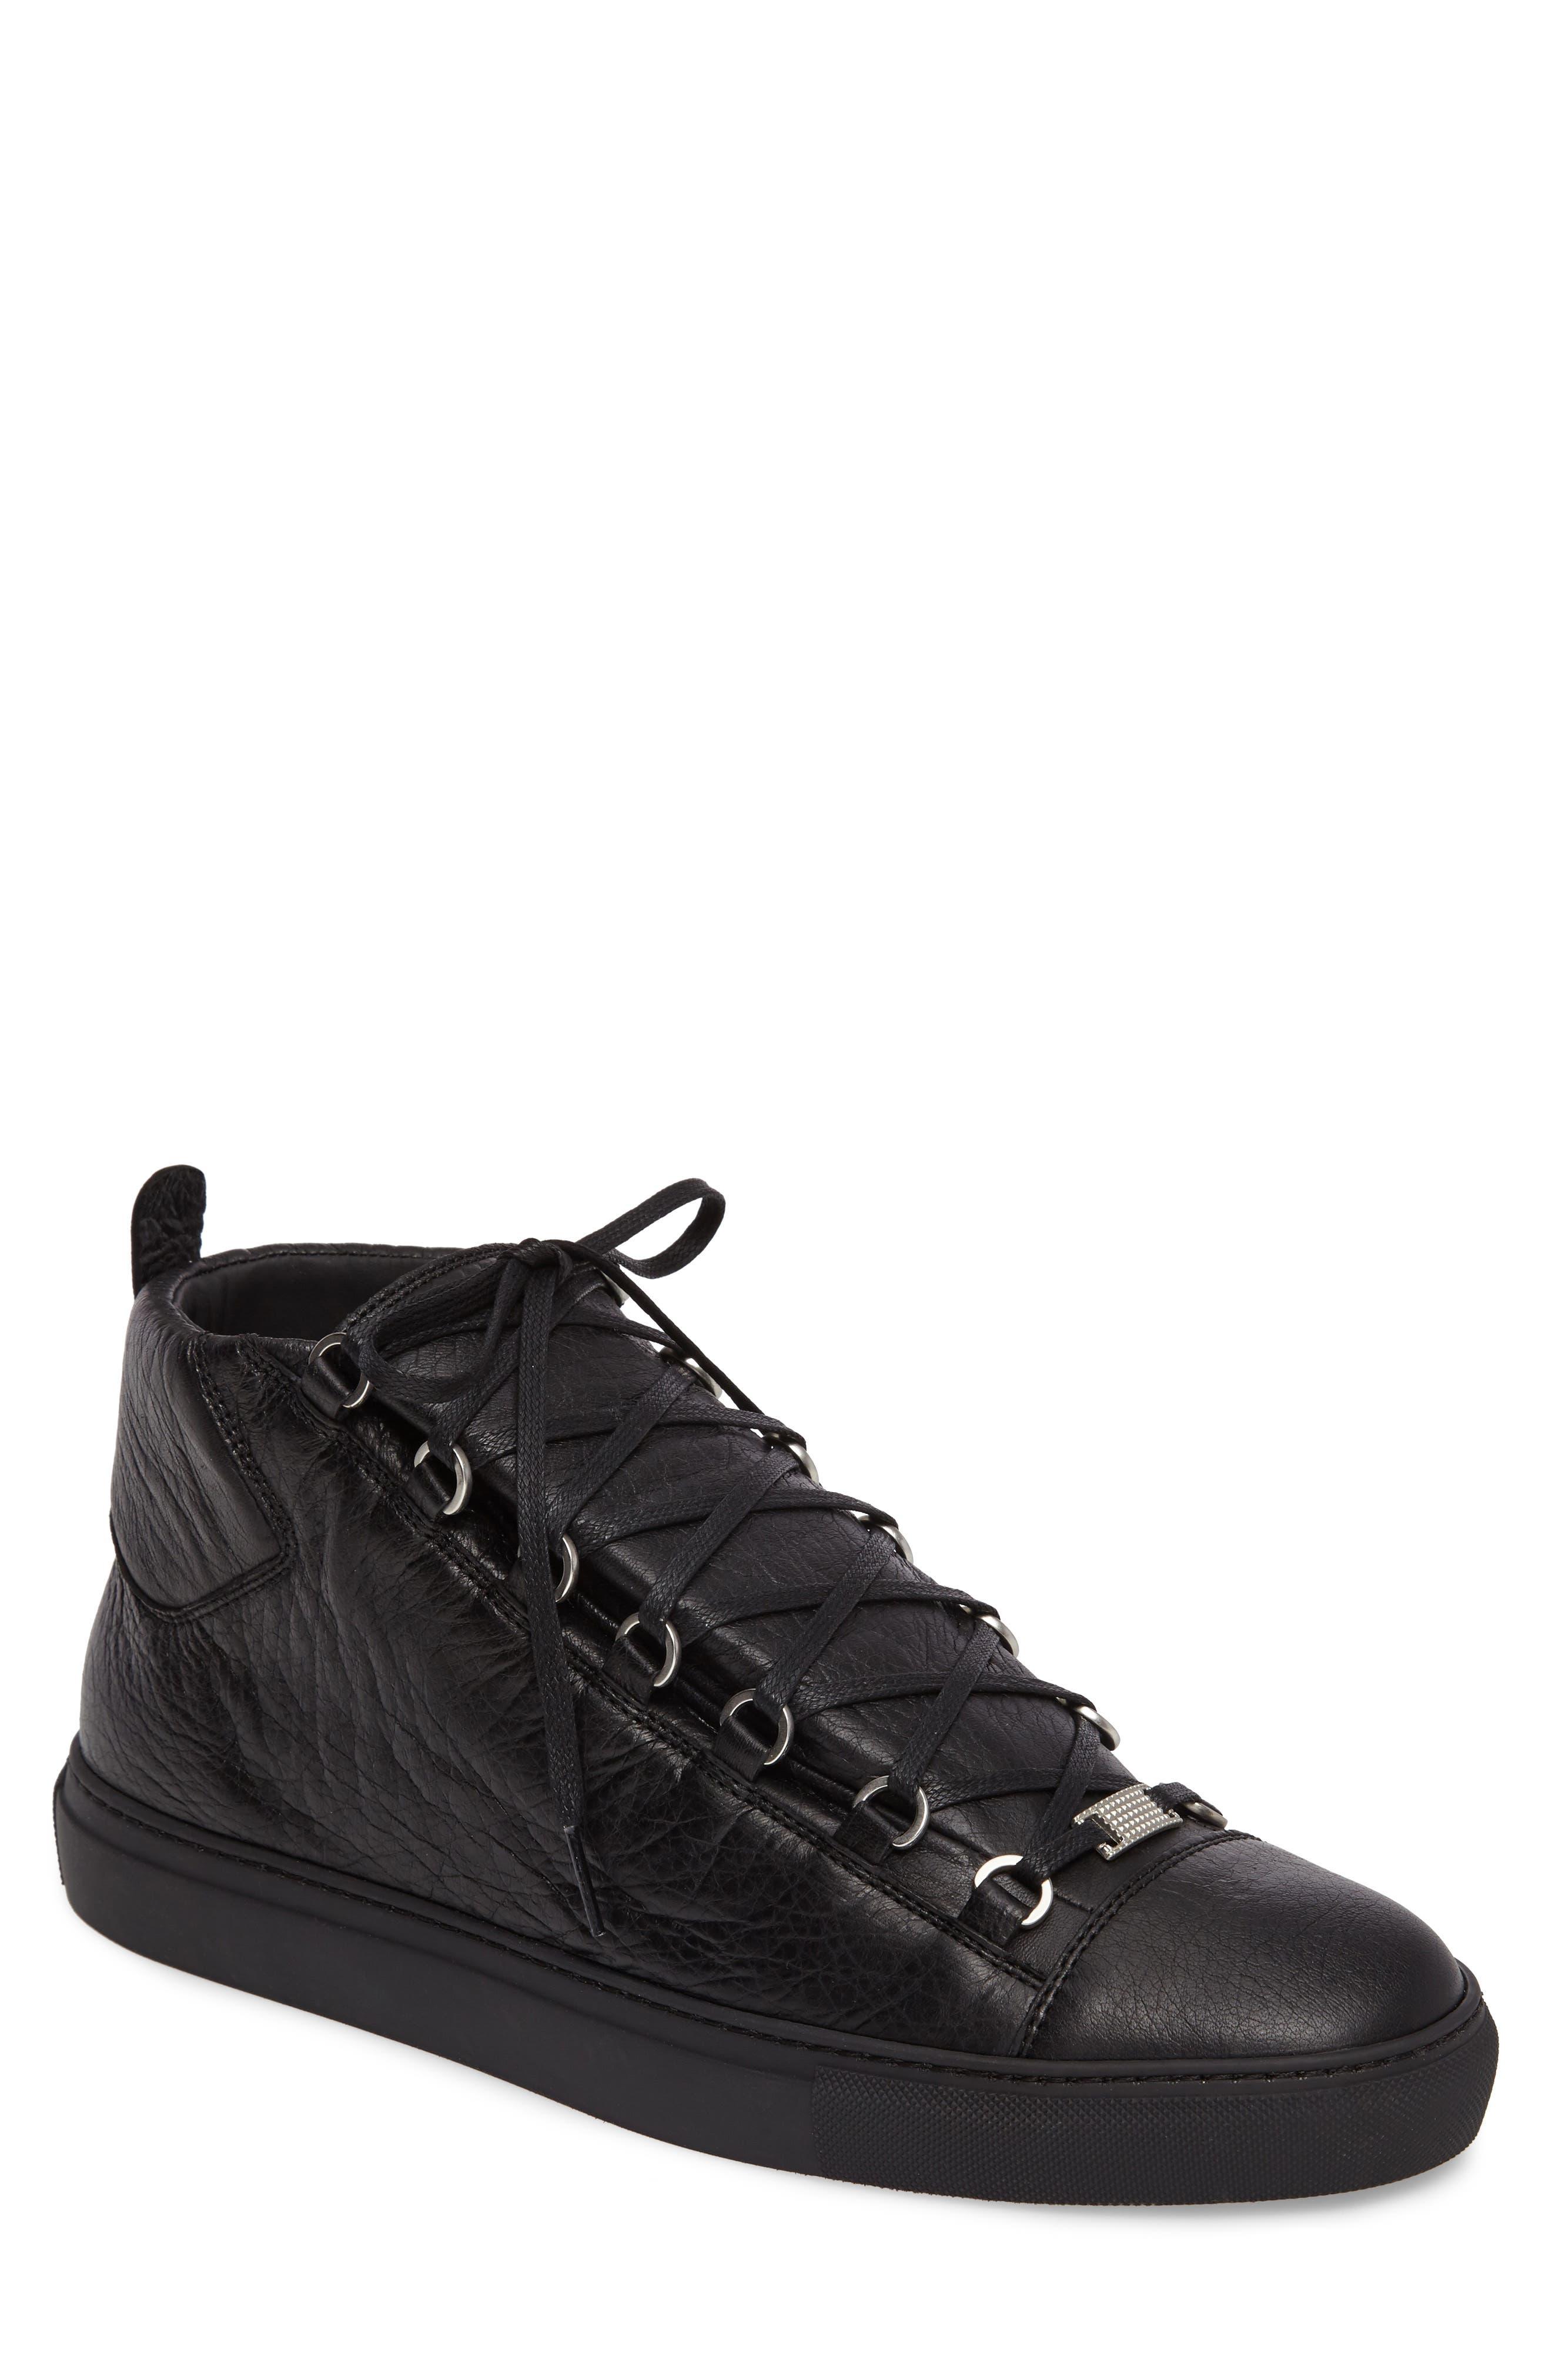 Main Image - Balenciaga High Top Sneaker (Men)